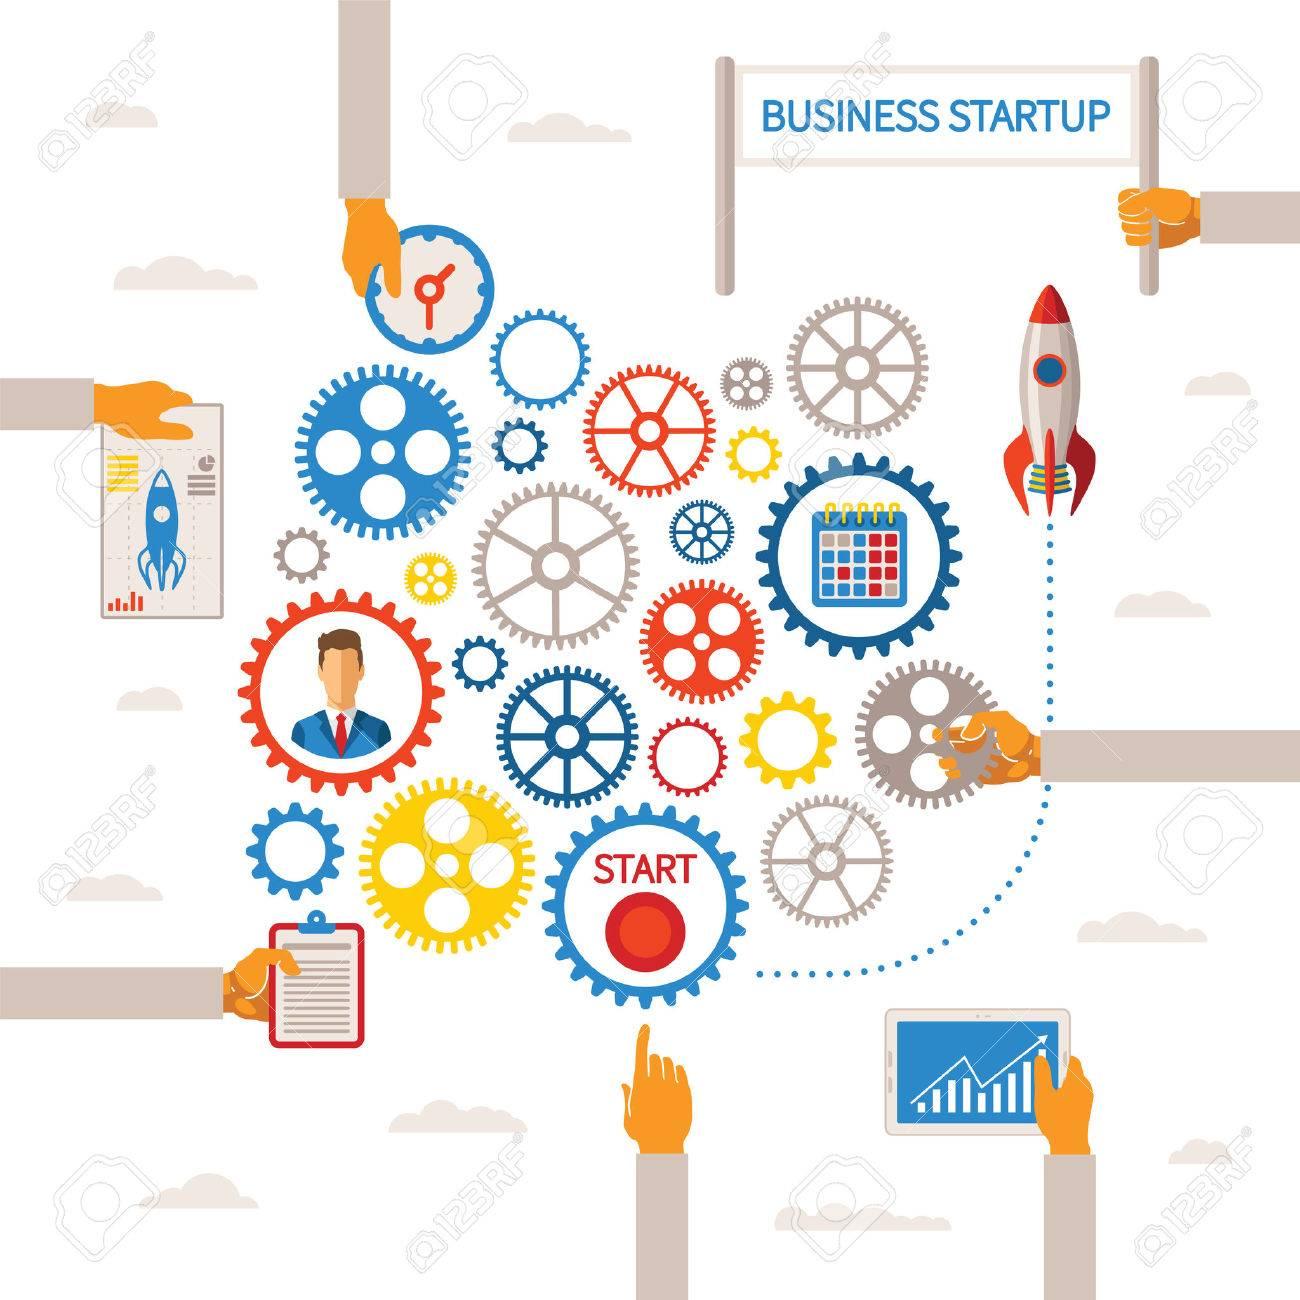 business start up